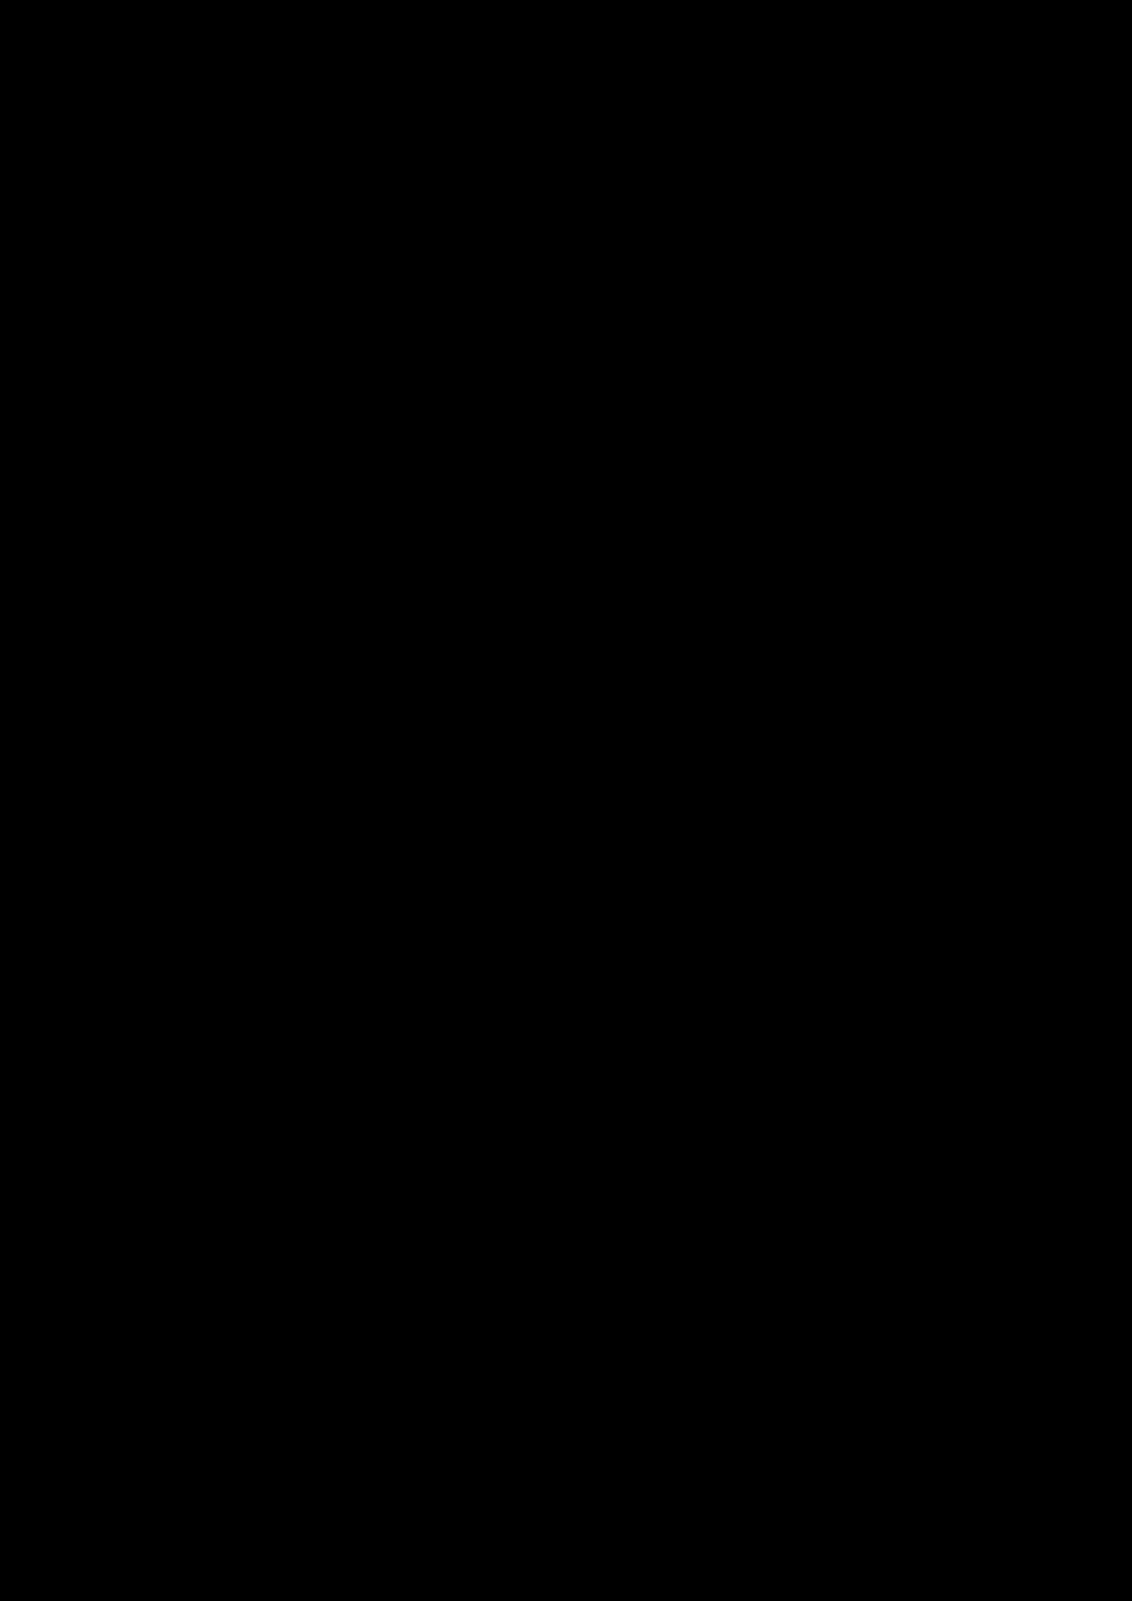 Vyibor Est slide, Image 16